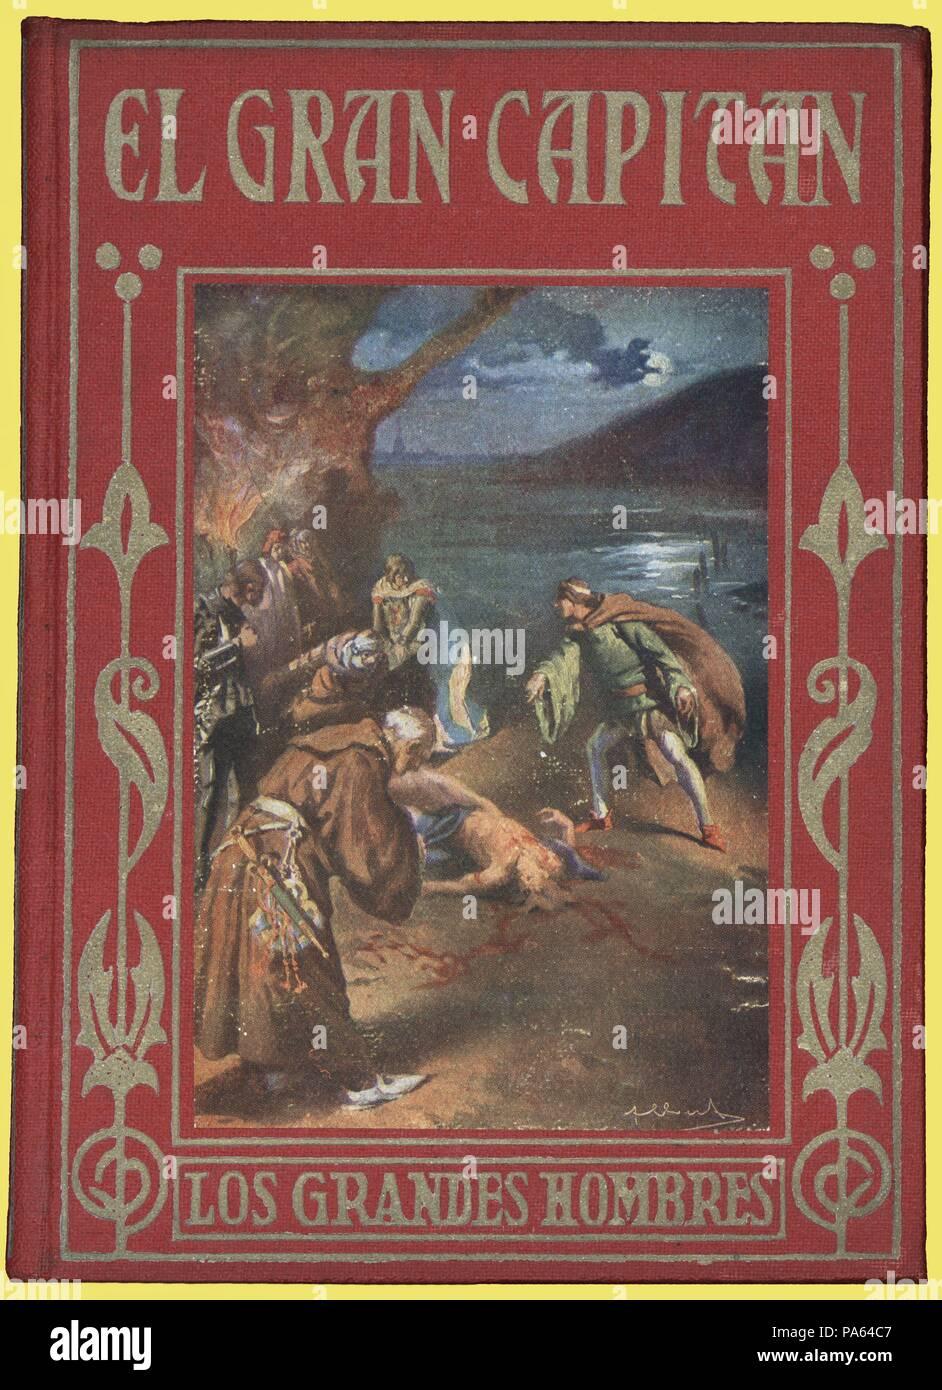 El Gran Capitán. Gonzalo Fernández de Córdoba. Portada del libro de la Colección Los grandes hombres de Editorial Araluce, de Barcelona. Año 1950. - Stock Image